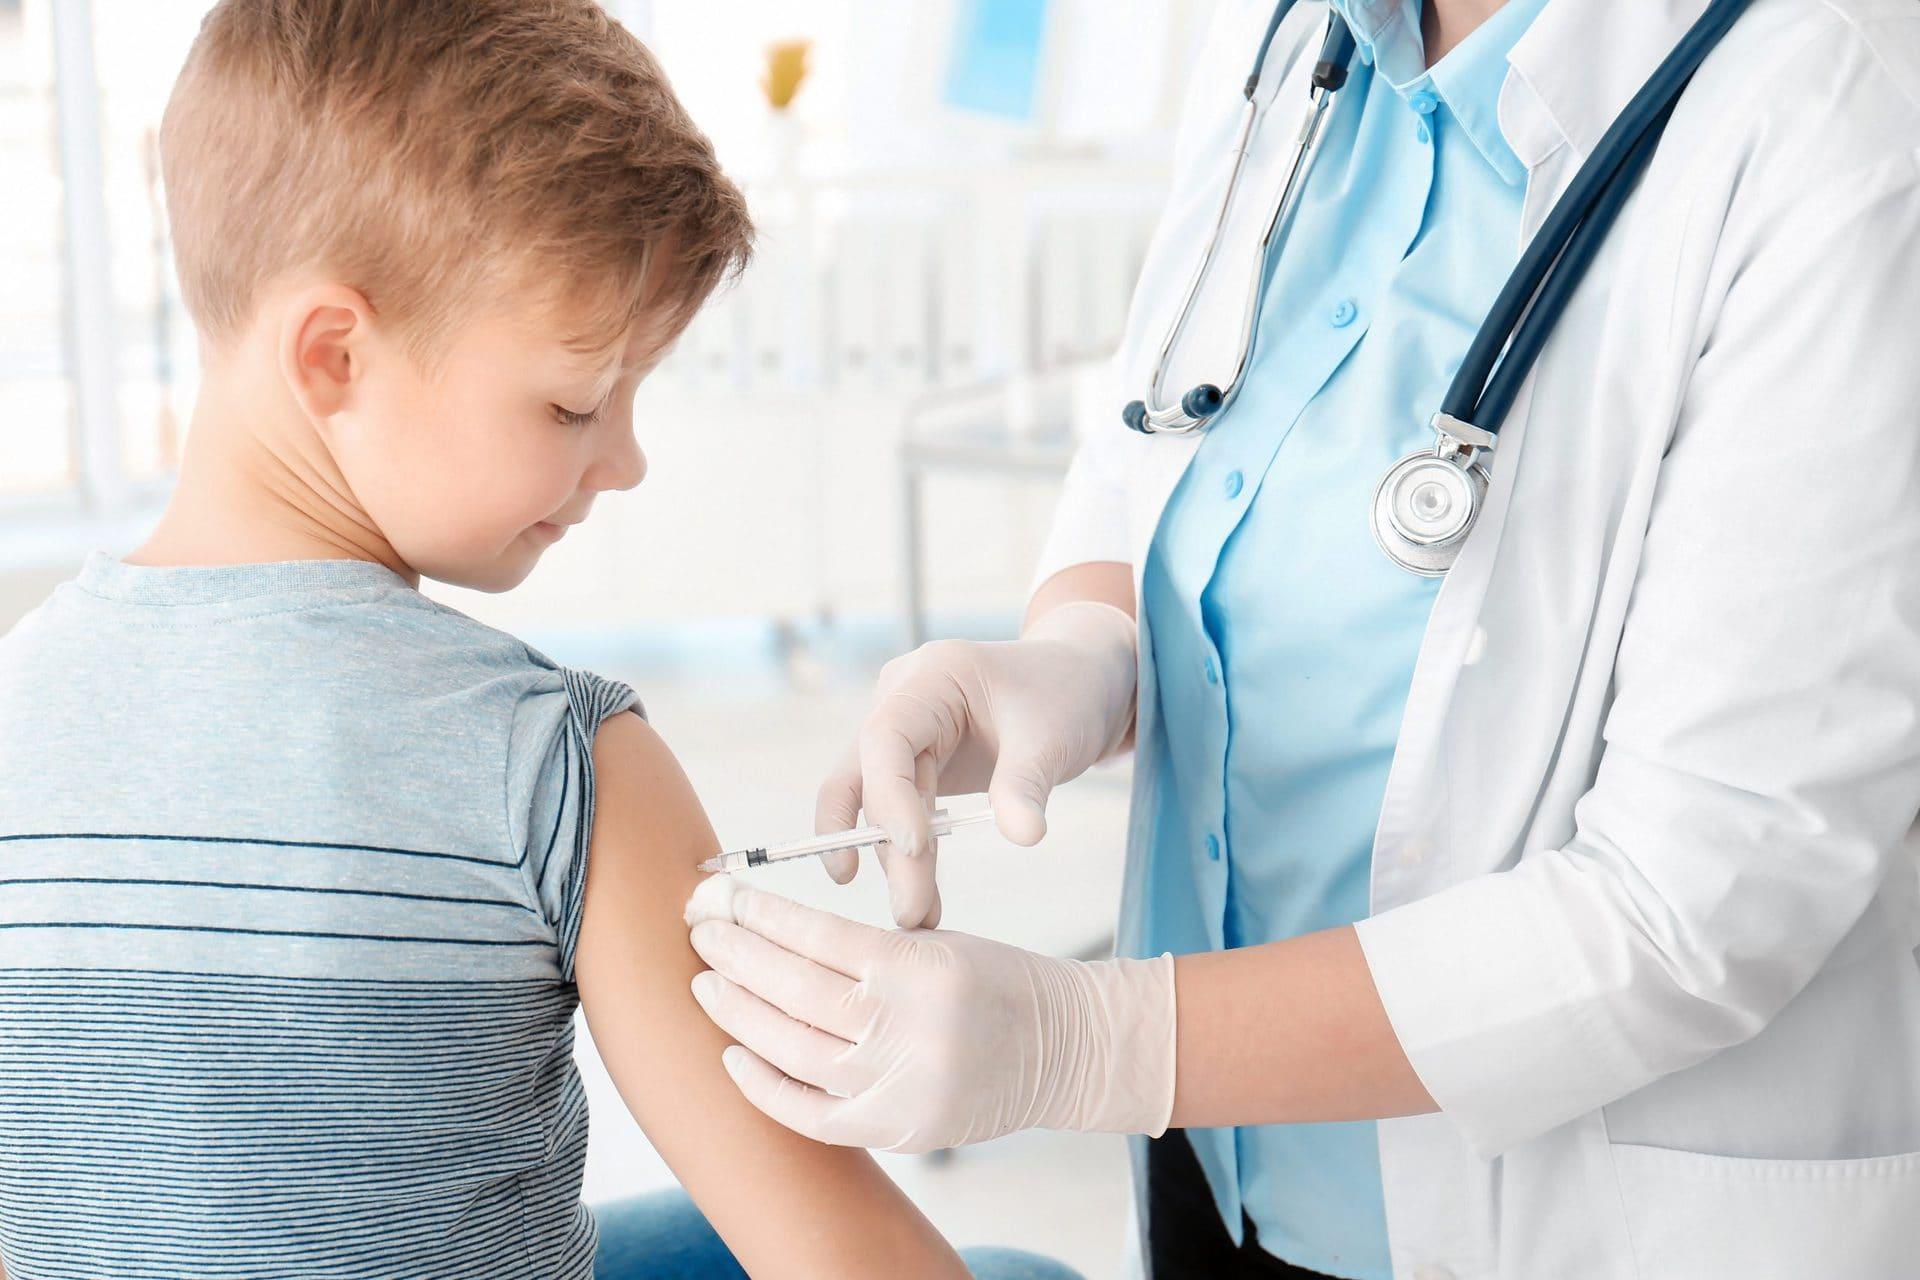 Diskussionen über Impfungen für Kinder Das sind die Argumente der Kritiker und Befürworter